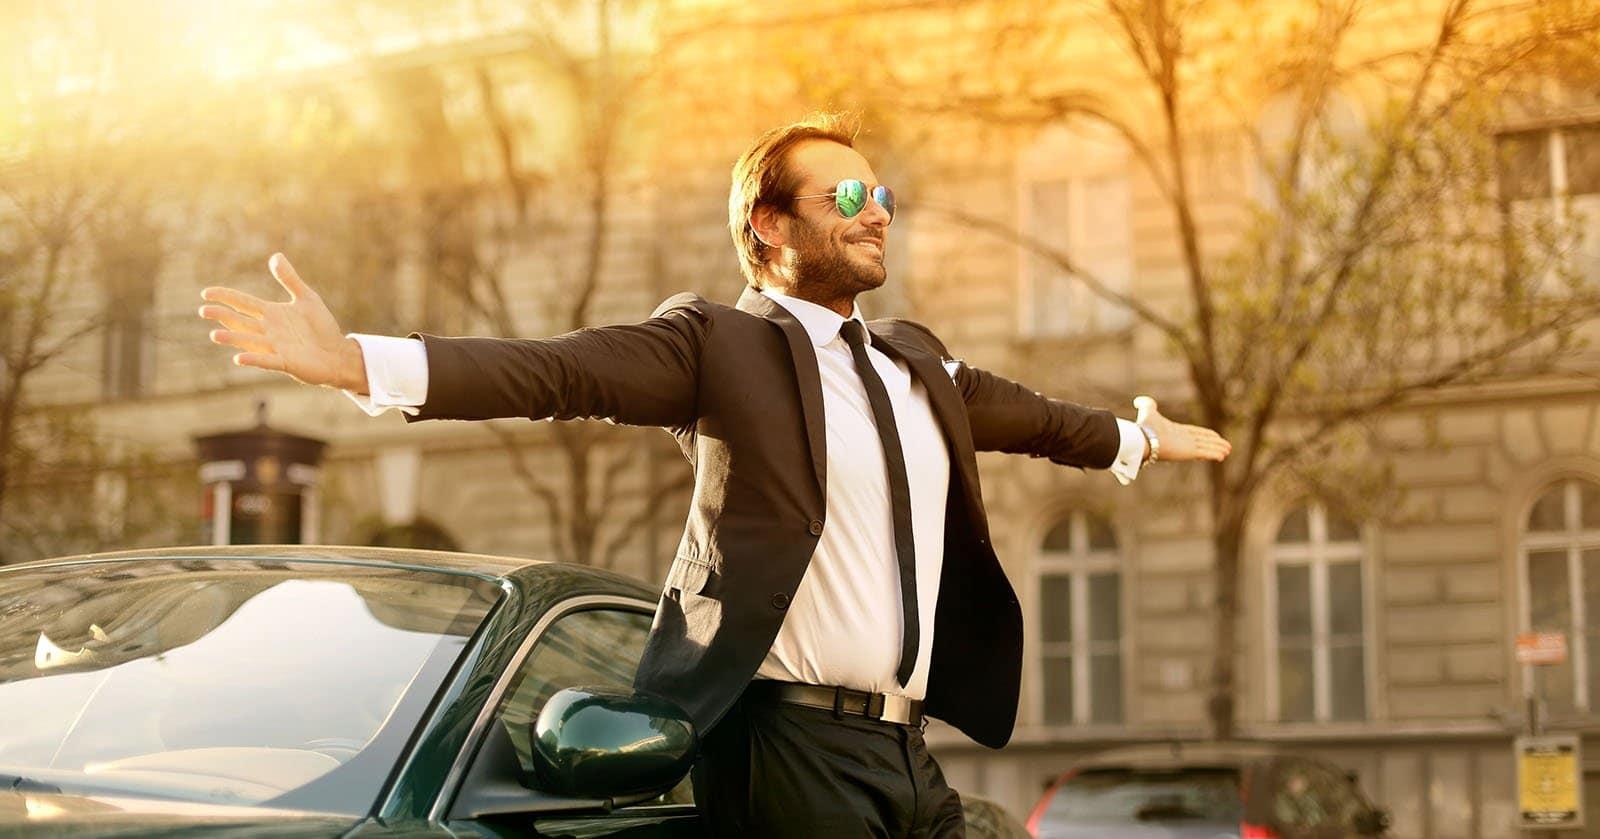 Mann in Anzug und Sonnenbrille steht mit ausgestreckten Armen vor einem Auto